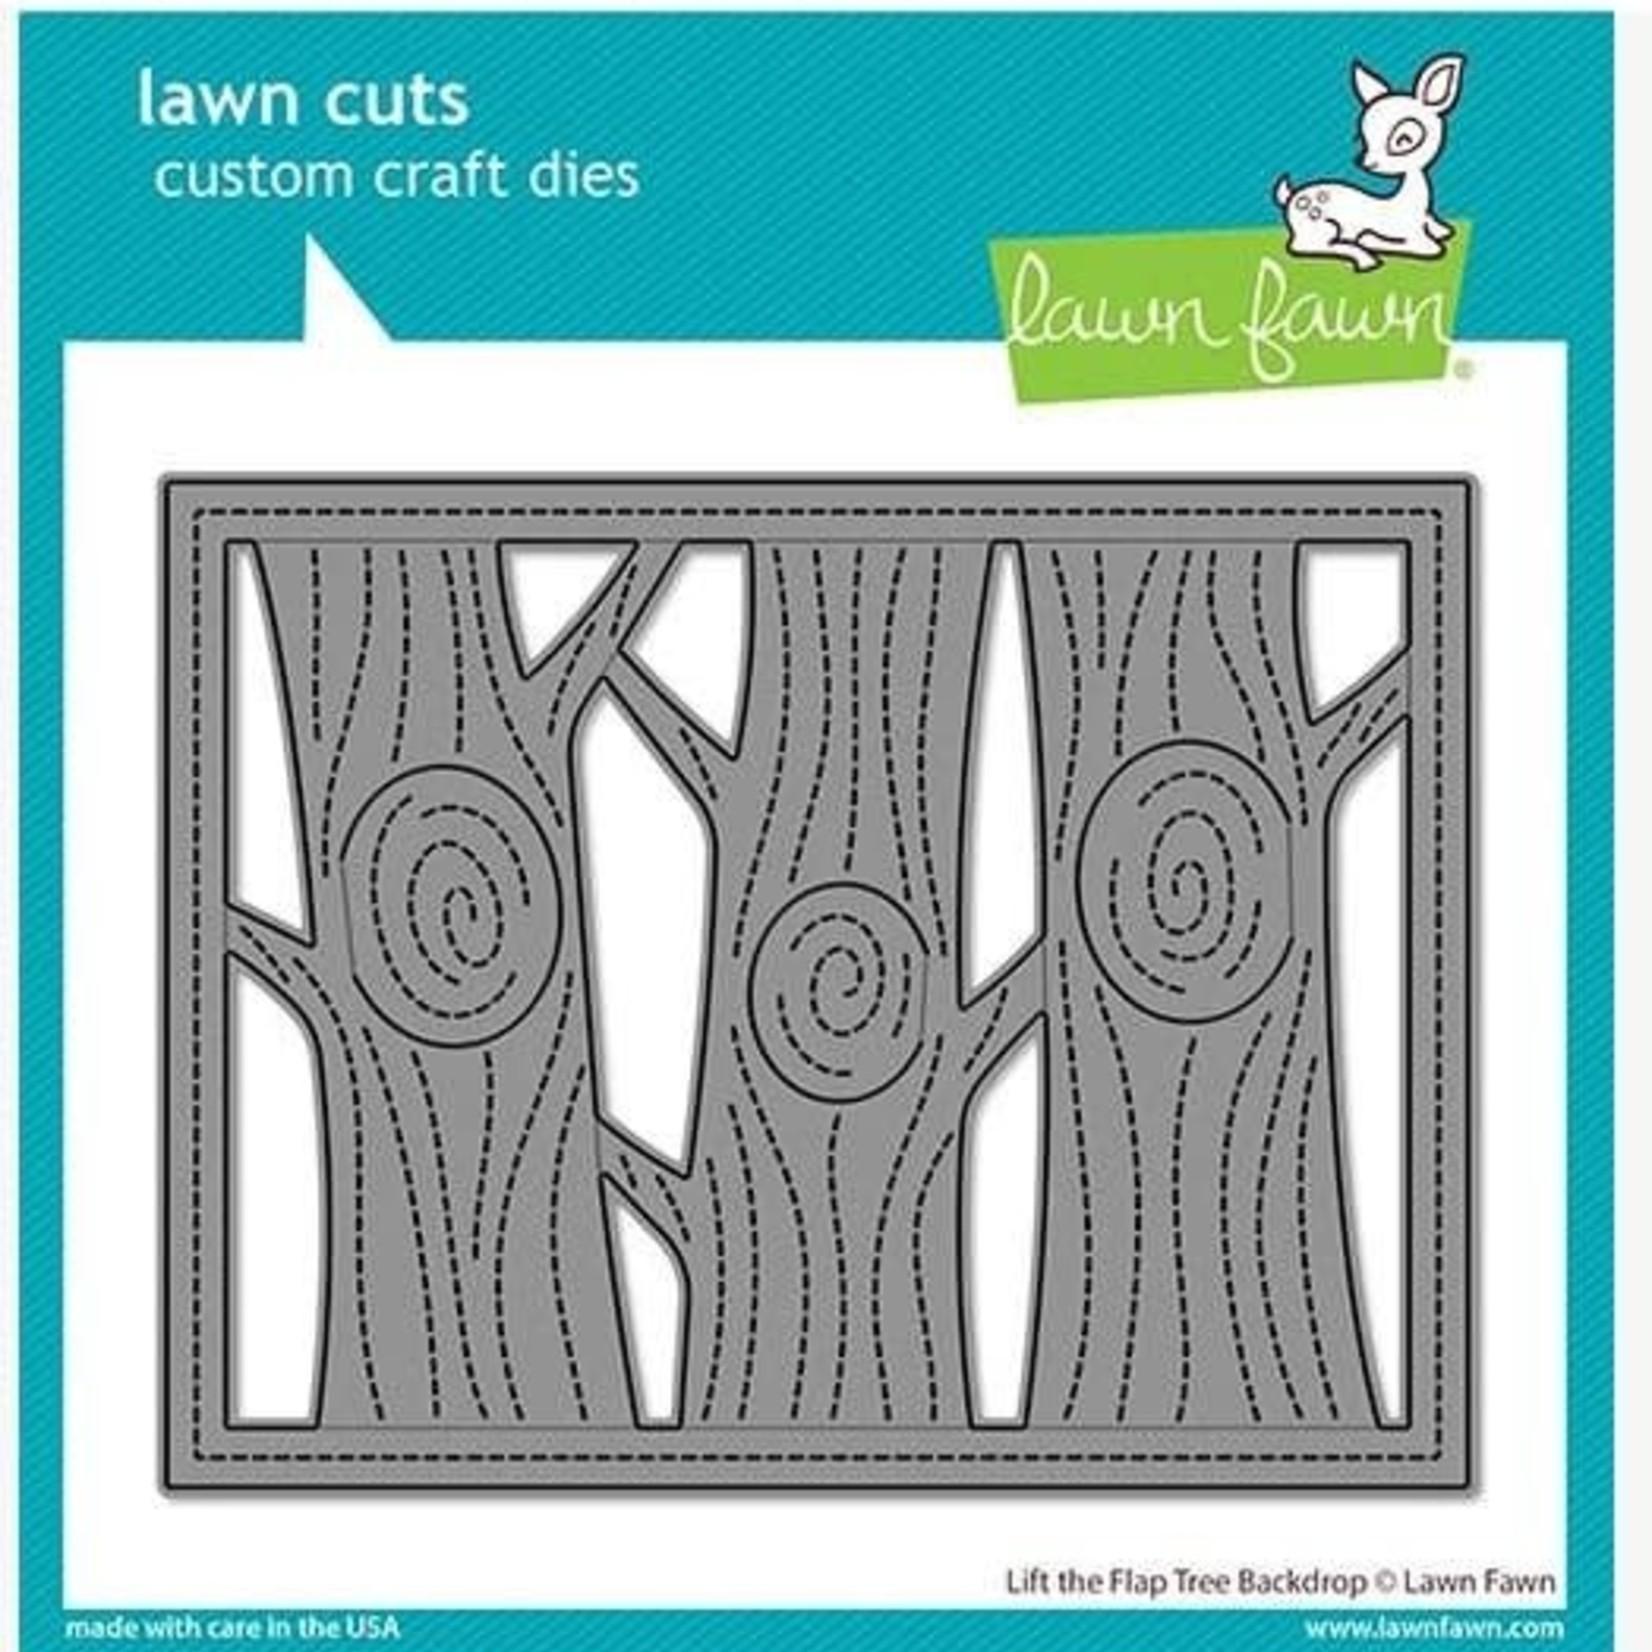 Lawn Fawn Lawn Cuts Custom Craft Die -Lift The Flap Tree Backdrop